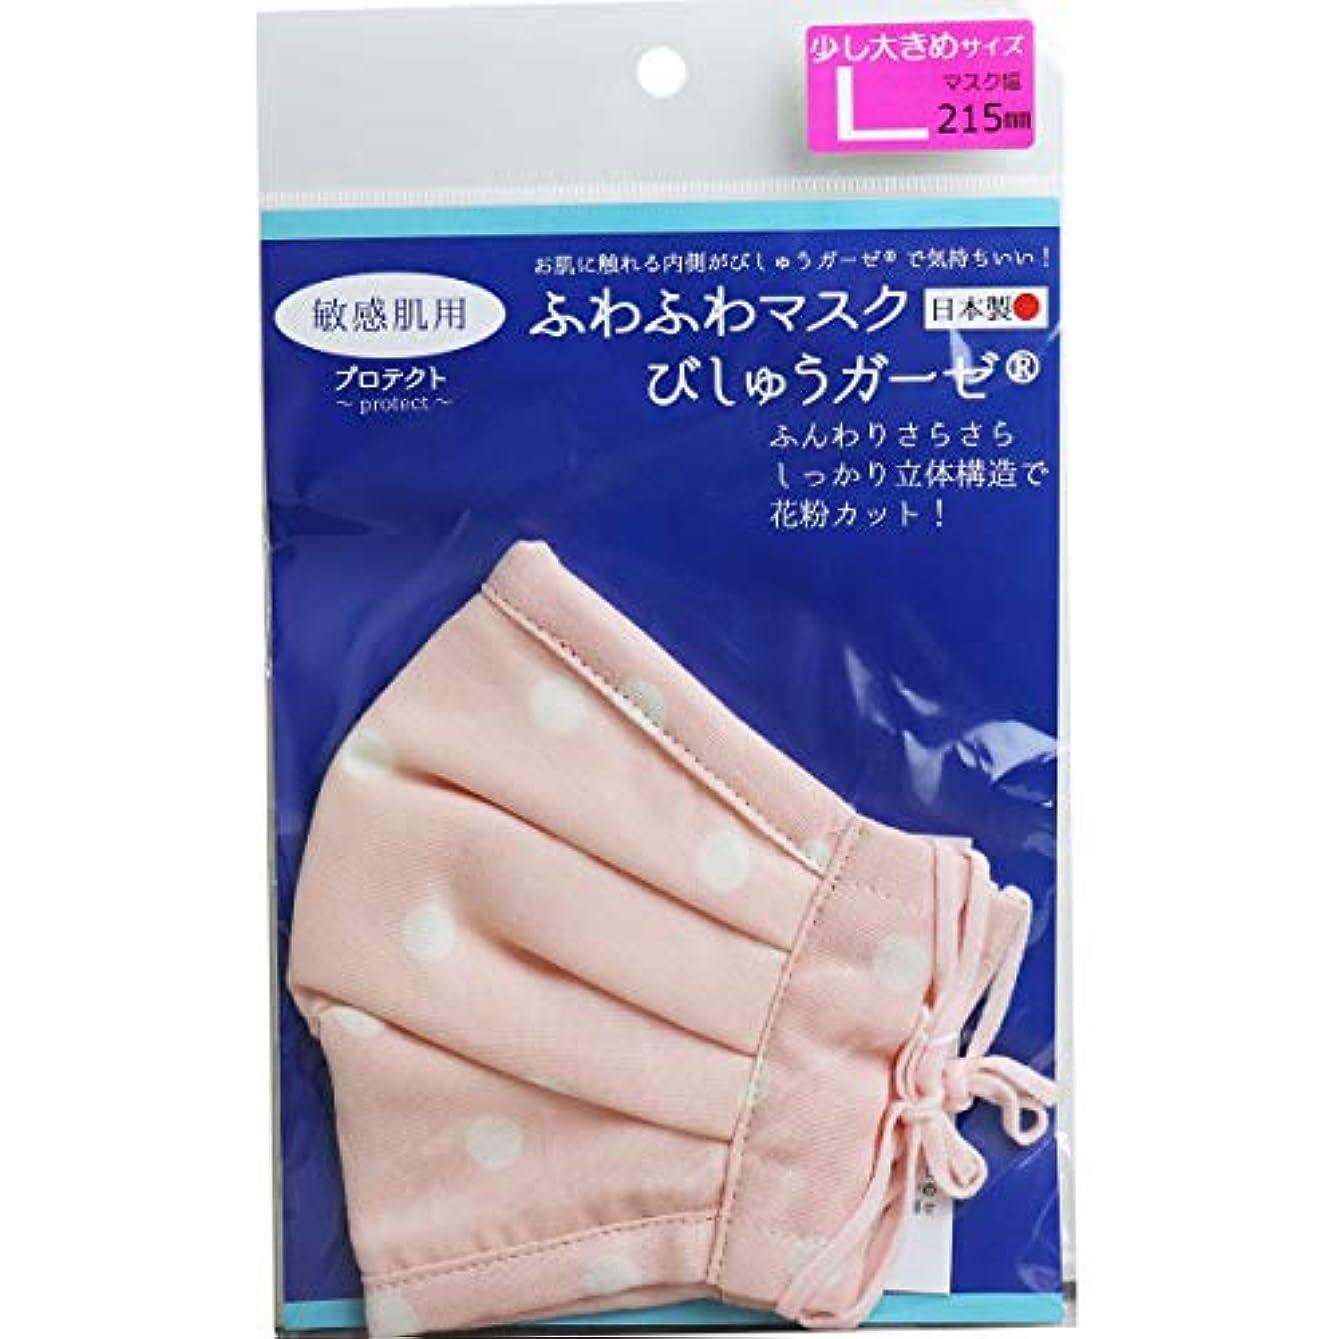 永続衝撃服を片付けるふわふわマスク びしゅうガーゼ 敏感肌用 ピンクドット 少し大きめサイズ 1枚入×10個セット